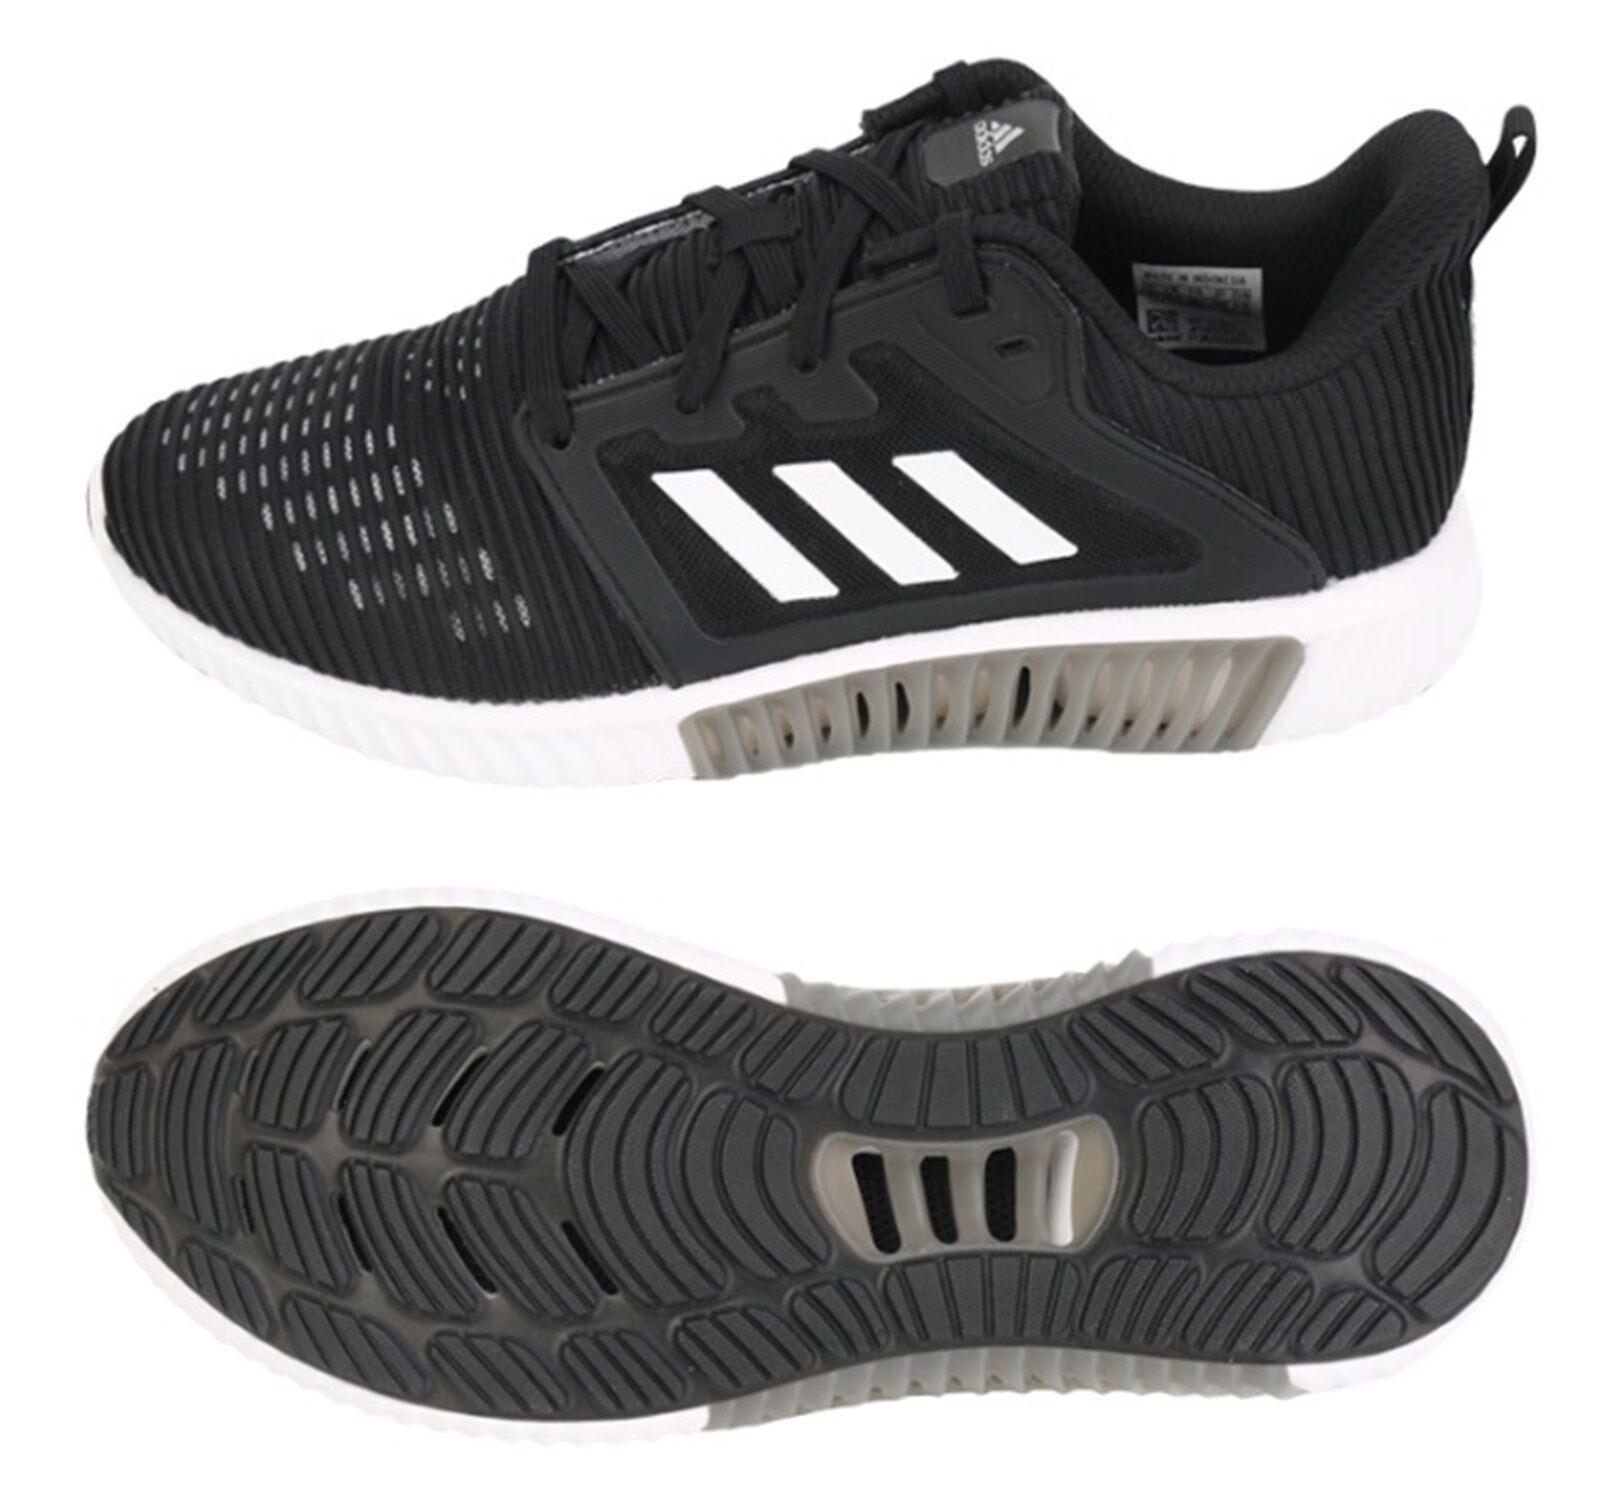 Zapatos de entrenamiento adidas Mujer ClimaCool ventilación Correr Zapatillas Zapatos Negro CG3921